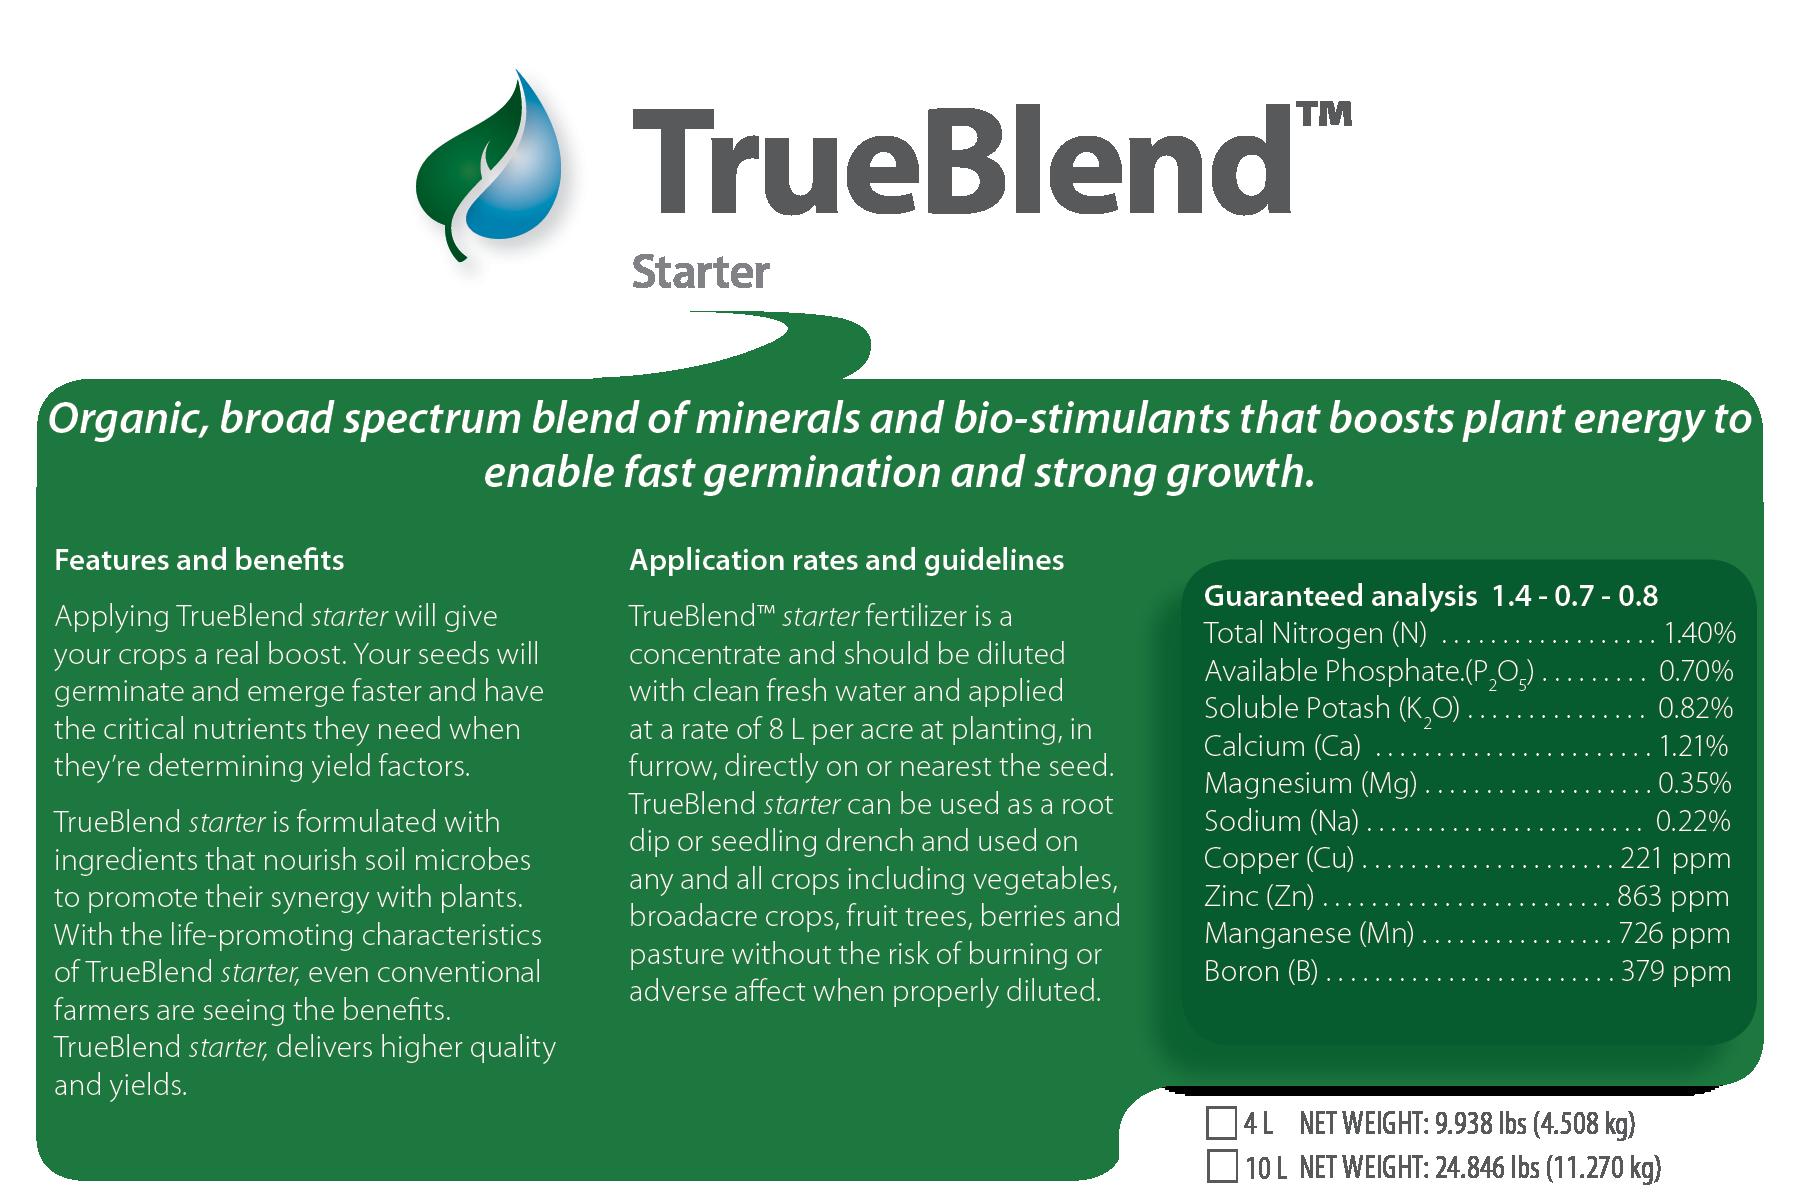 TrueBlend Starter product label image